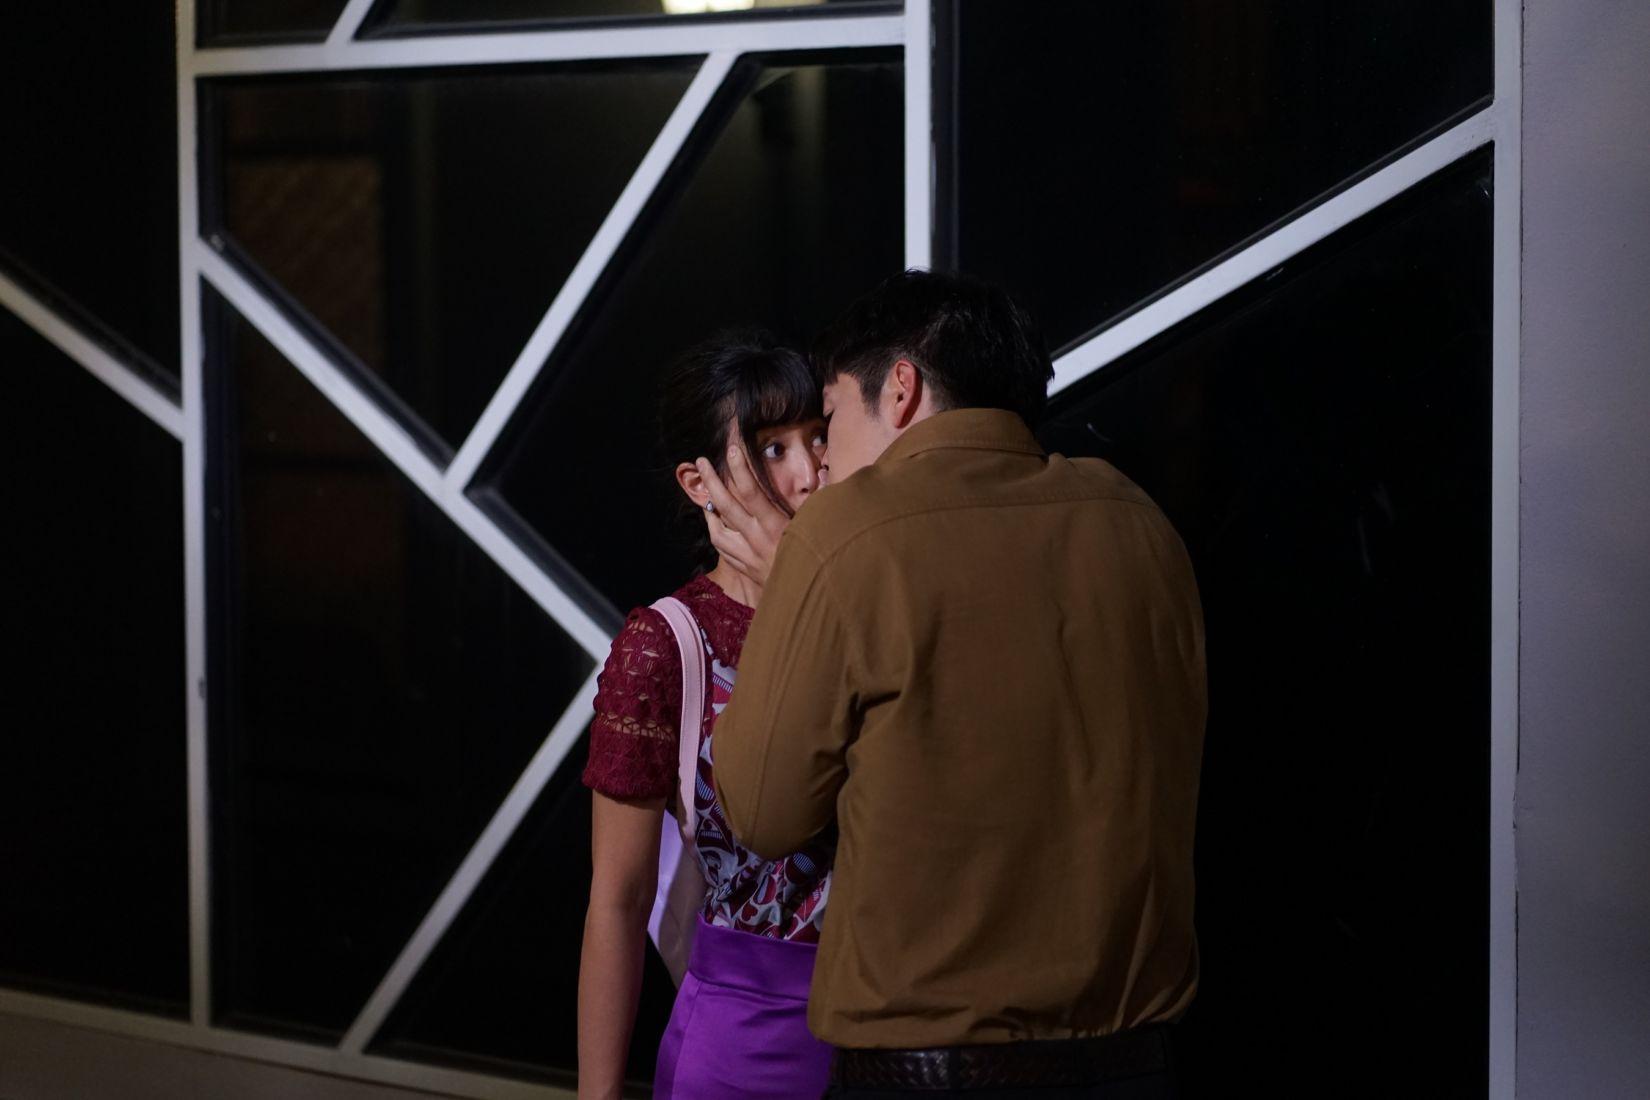 มิ้นต์ ตกใจ อาเล็ก จูบแบบไม่ทันตั้งตัวใน ดวงแบบนี้ไม่มีจู๋ | ข่าวโดย Tadoo